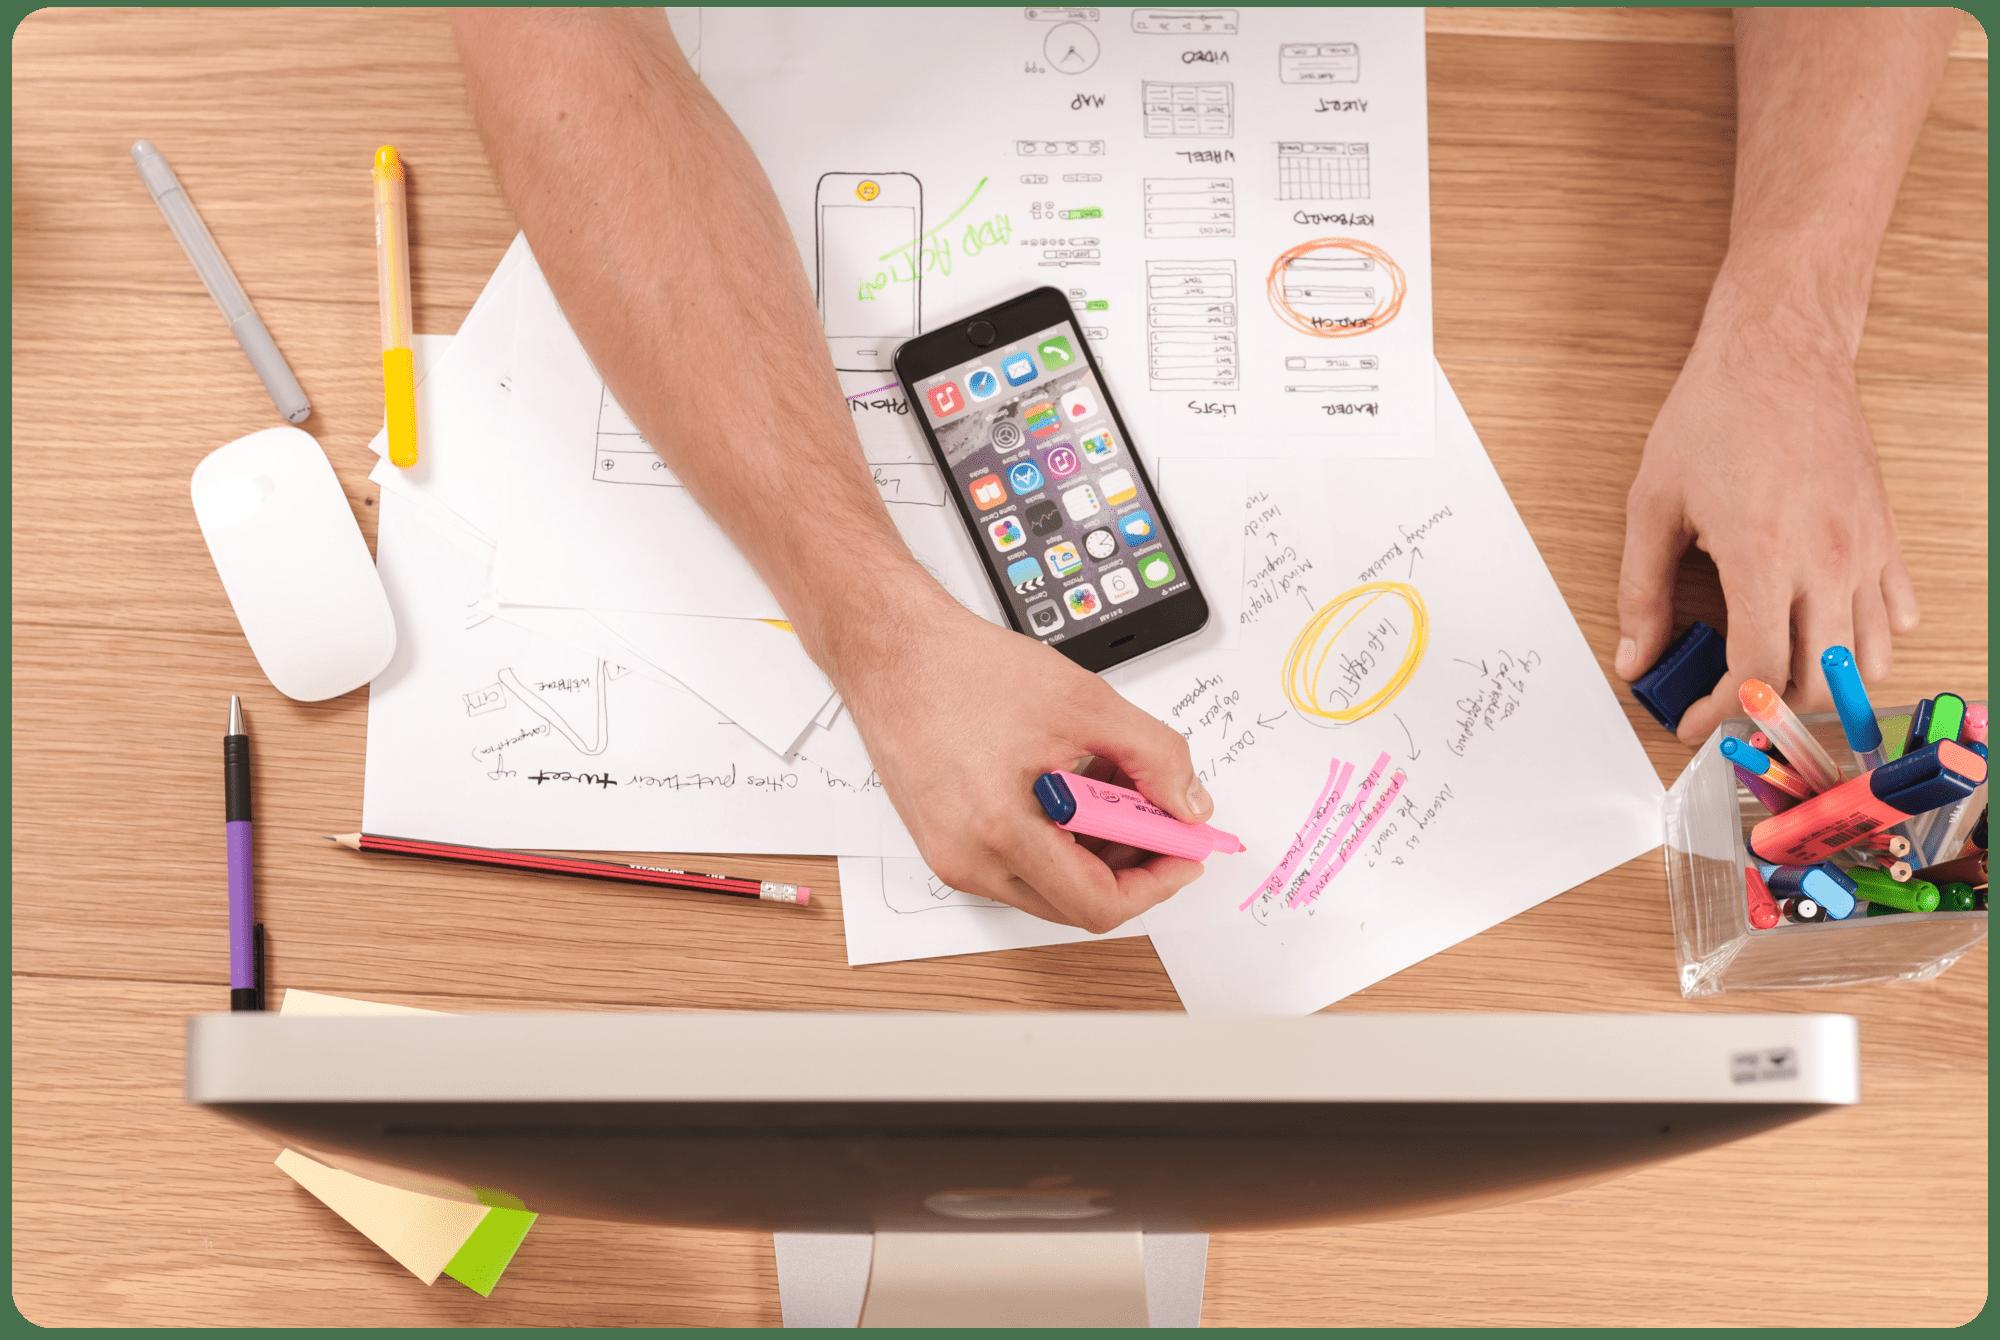 تحديد التخصص الجامعي، القدرة والإبداع